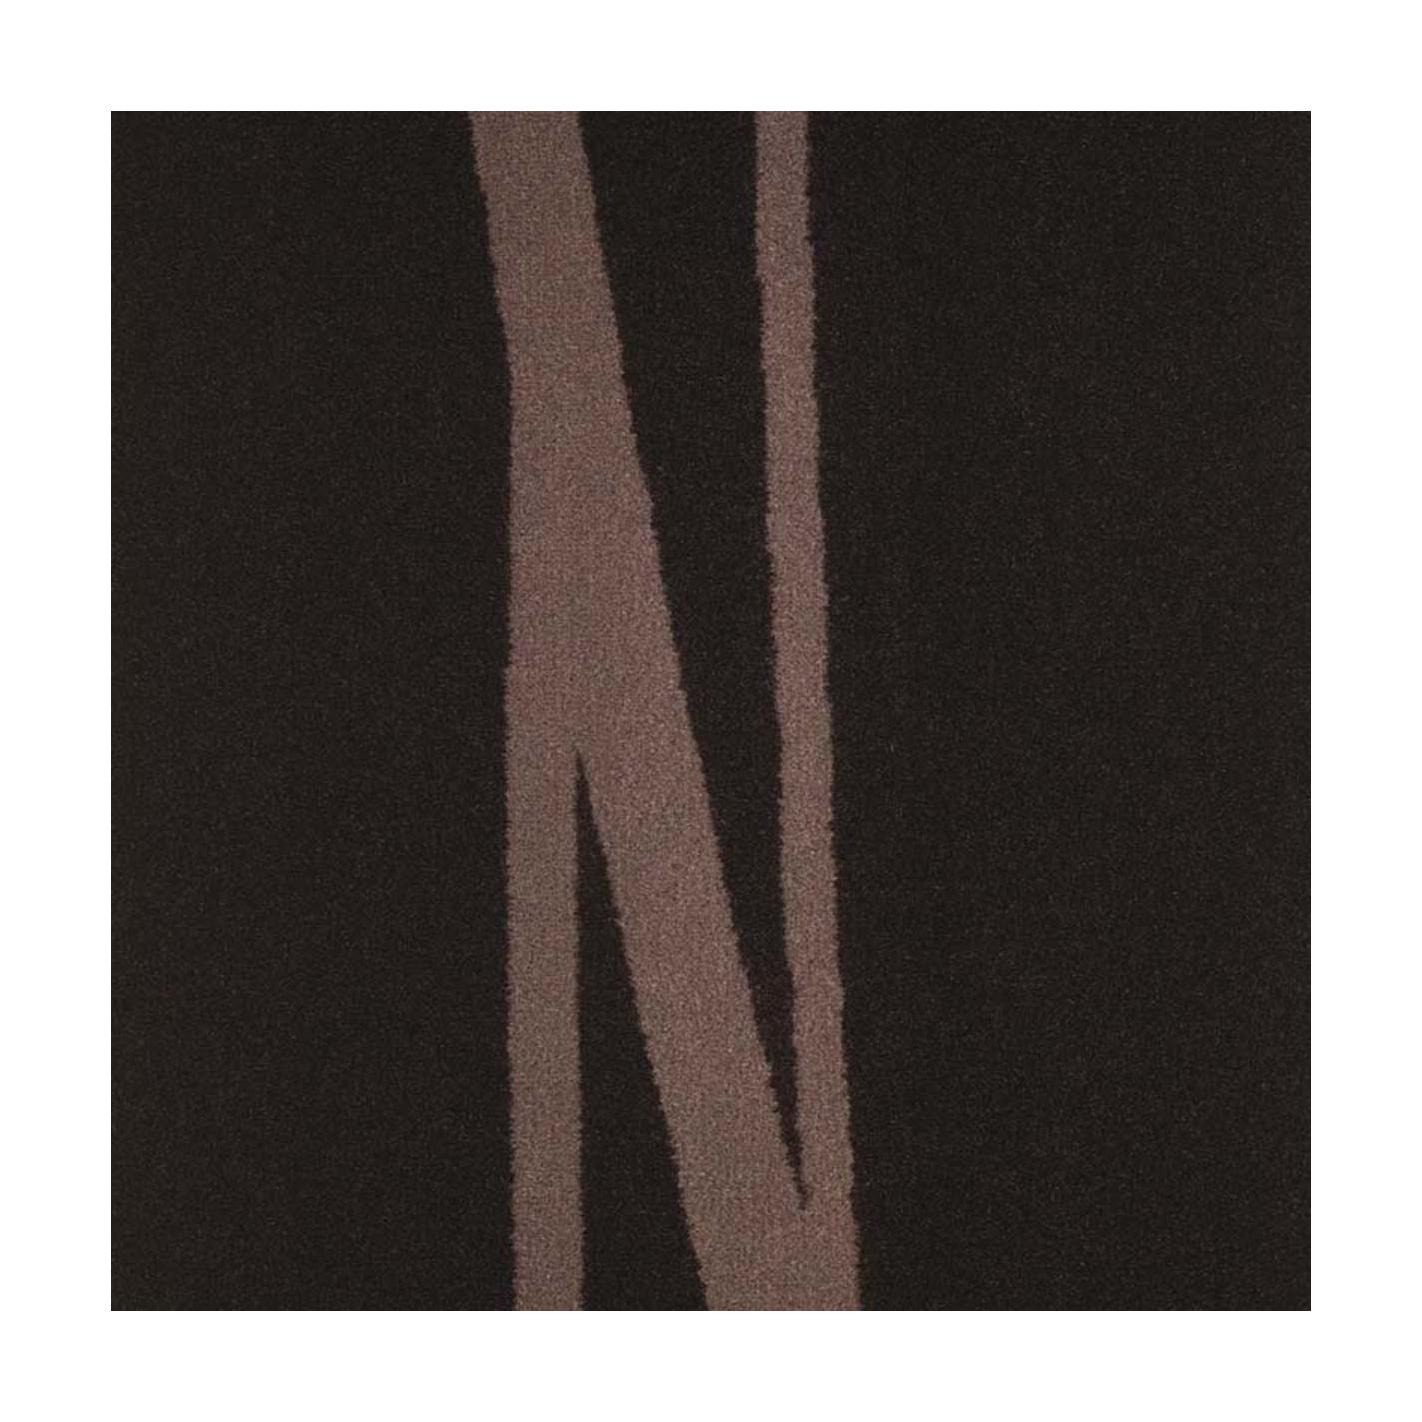 Moquette velours ras à motif velours ras chocolat et beige